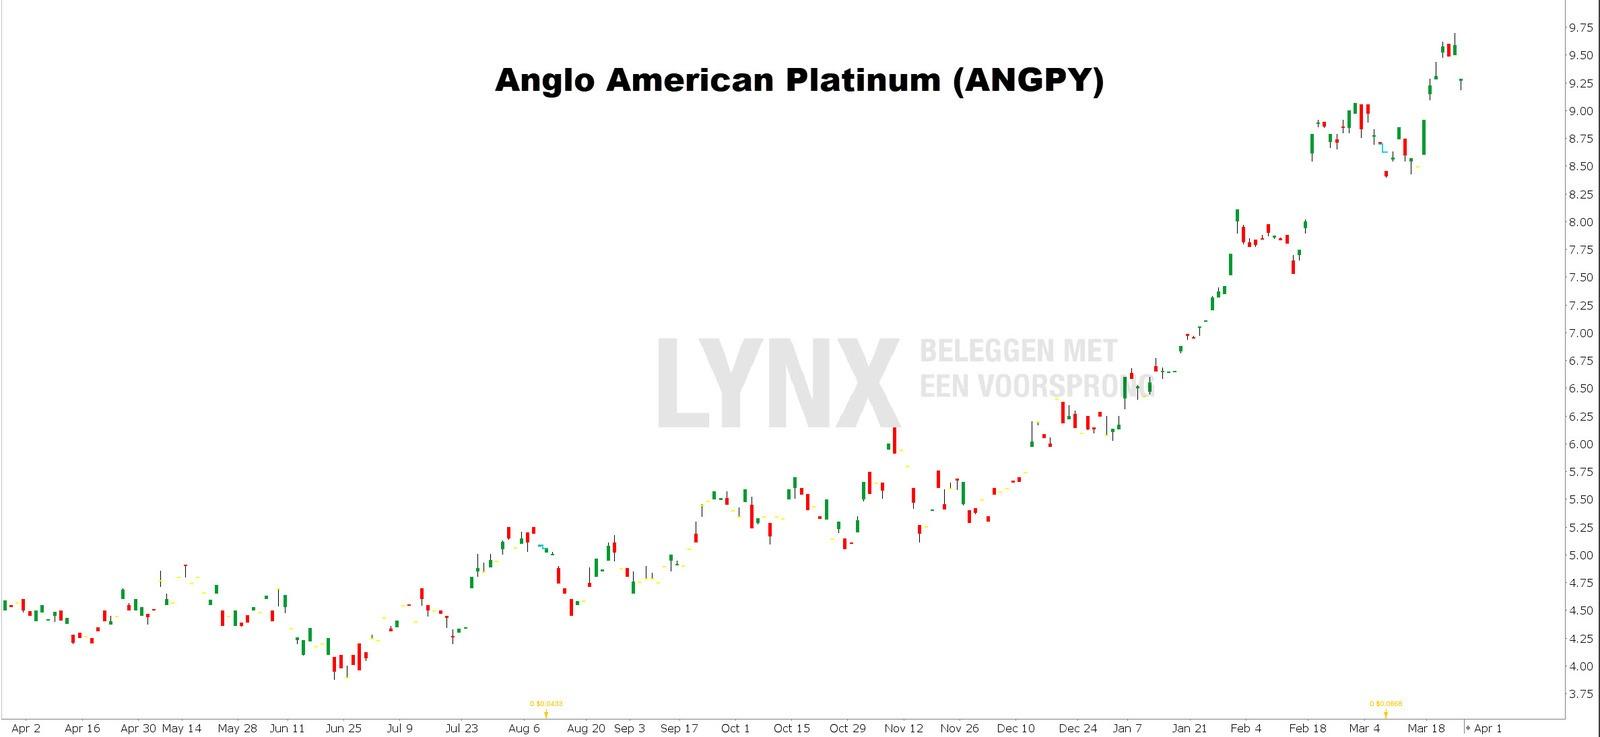 Anglo American Platinum koers - beleggen in platina aandelen